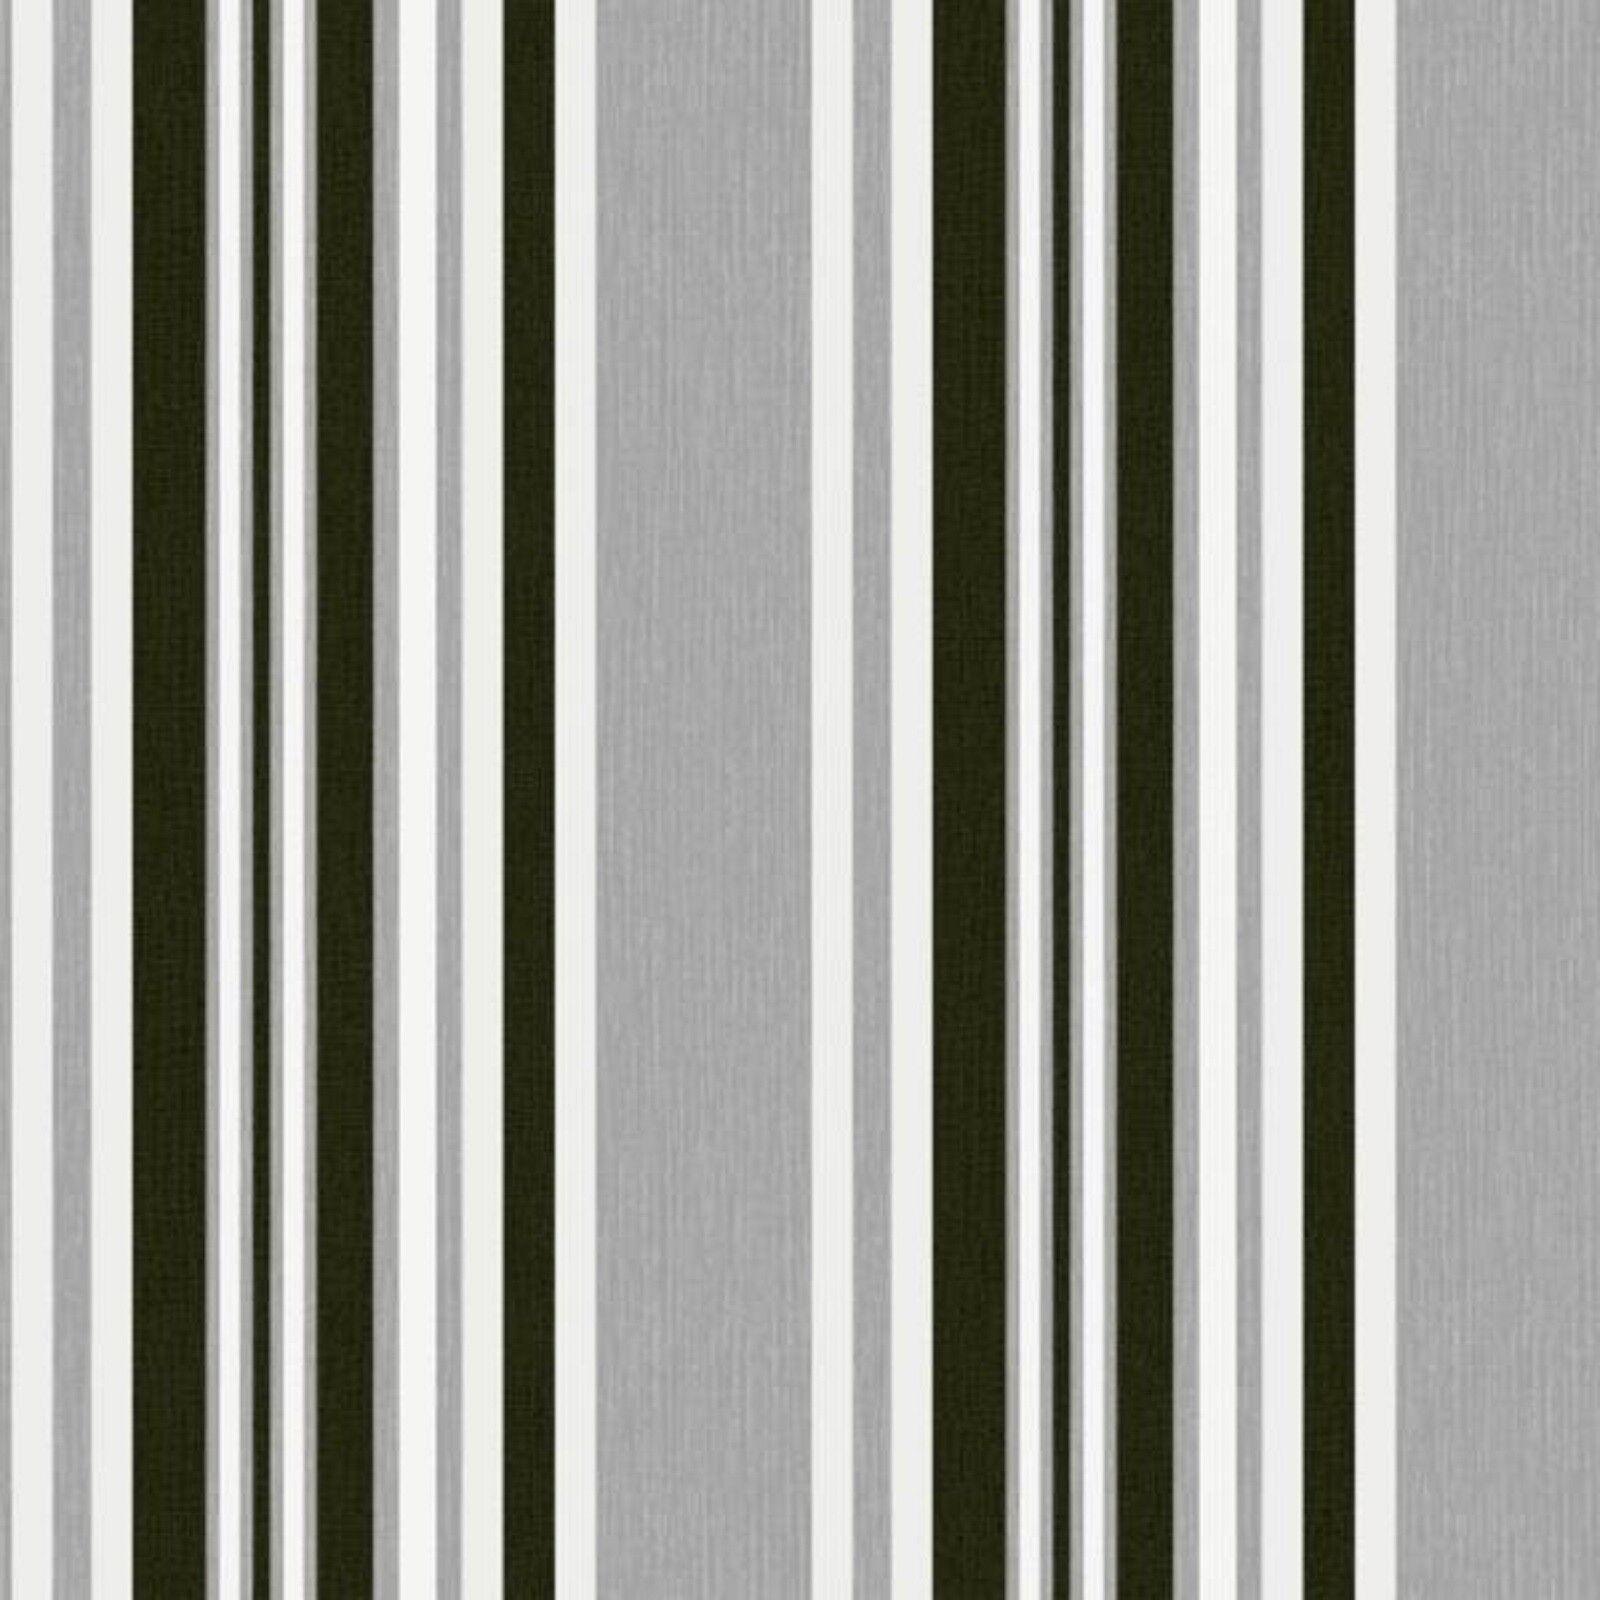 Papier Peint Capitonné Gris détails sur marrakech - debona - tissu rayé papier peint texturé -  gris/noir 2327